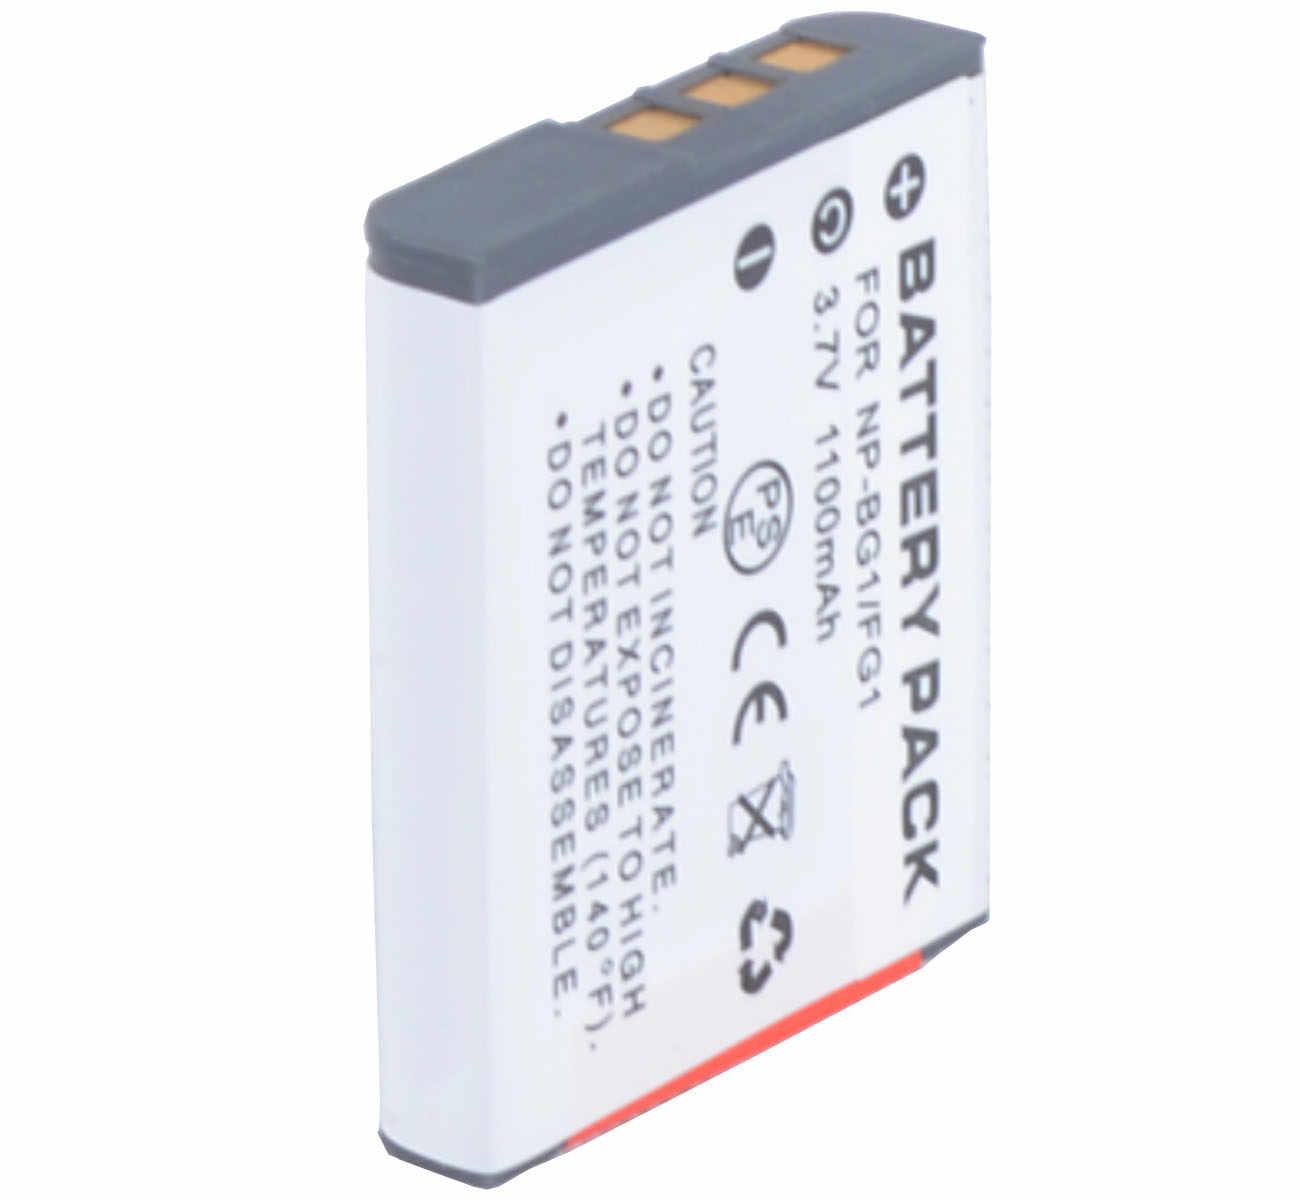 バッテリーパックソニーサイバーショット dsc-DSC-H3 、 H7 、 H9 、 H10 、 H20 、 H50 、 h55 、 H70 、 H90 、 HX5V 、 HX9V 、 HX10V 、 HX20V 、 HX30V デジタルカメラ